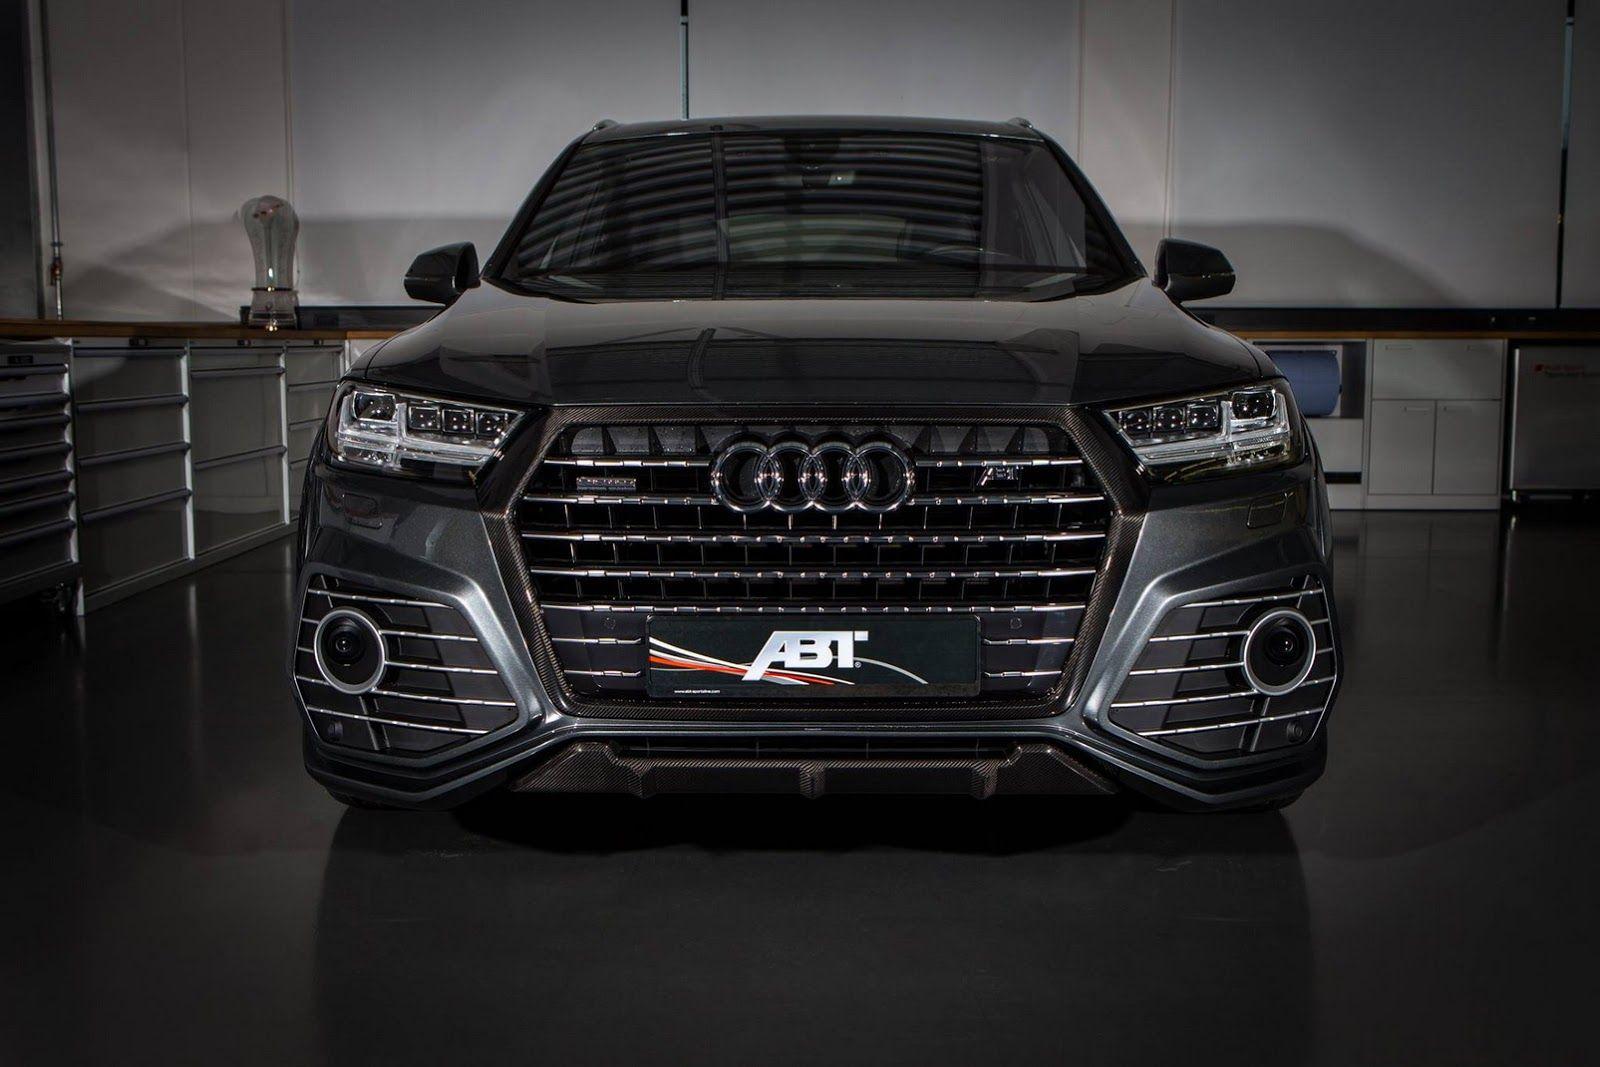 Abt Releases New Qs7 Pics Finally Shows Off Interior Carscoops Audi Q7 Audi Q7 Black Audi